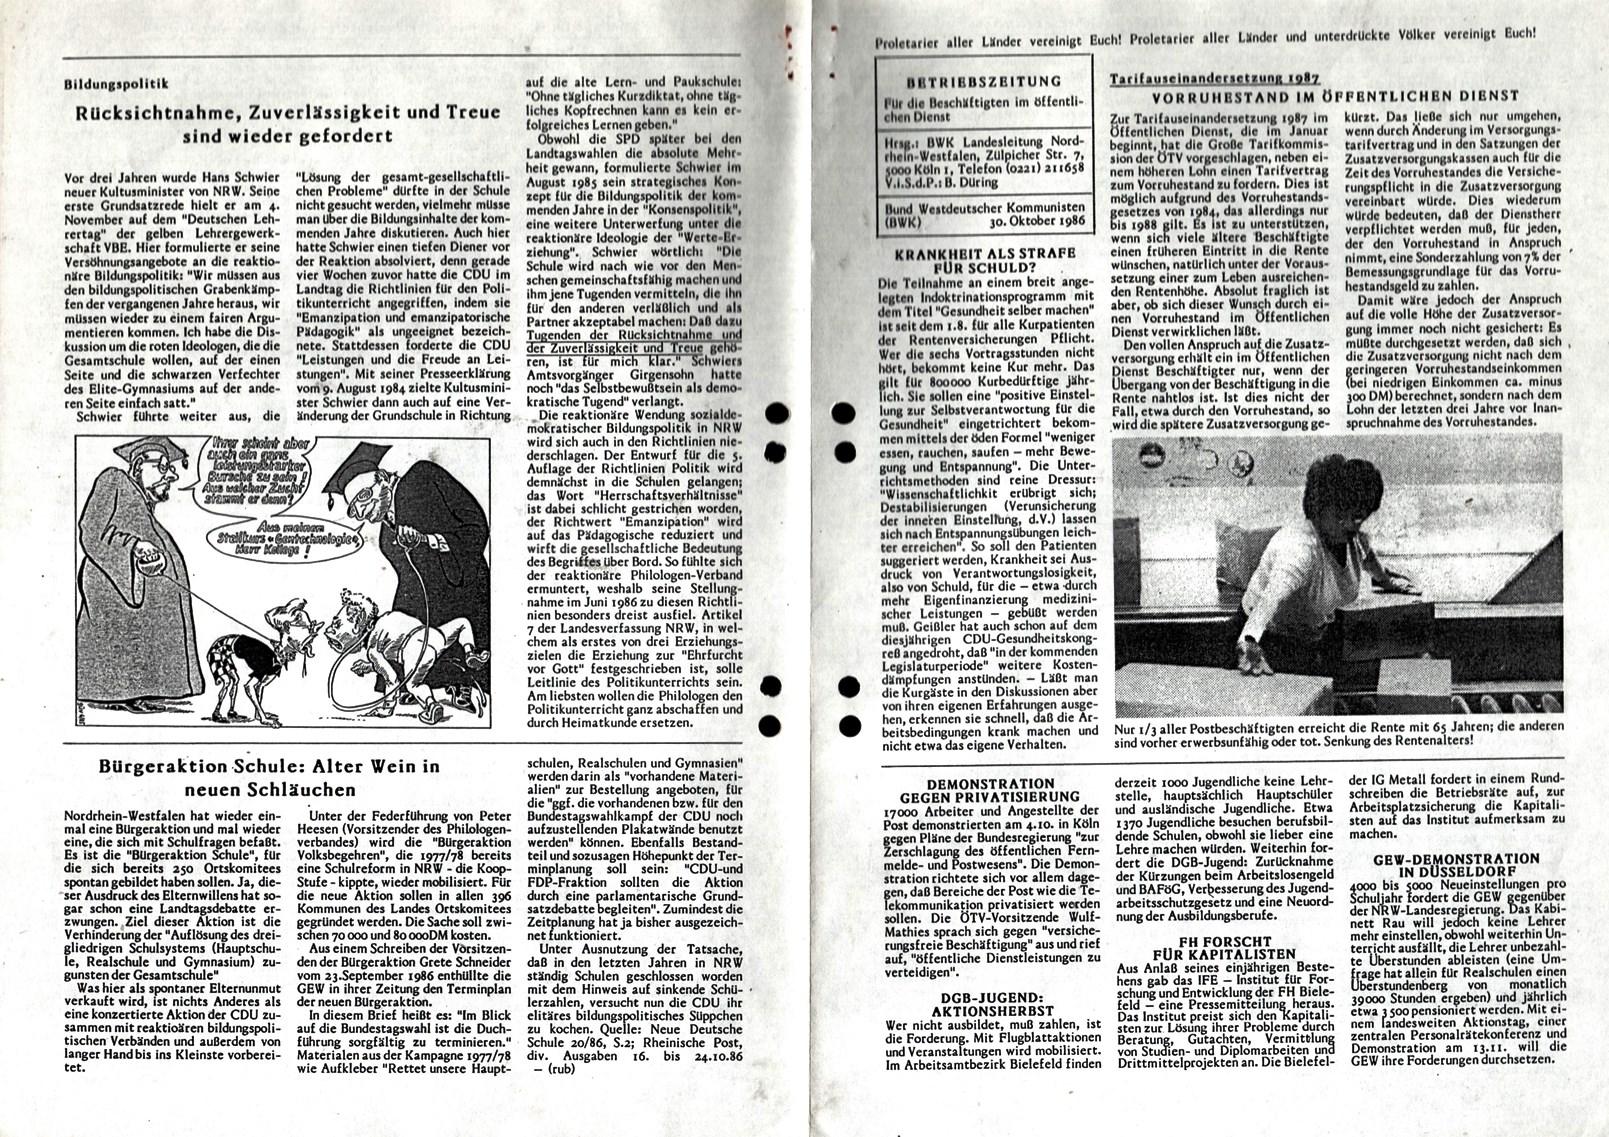 NRW_BWK_BZ_Oeffentlicher_Dienst_19861030_001